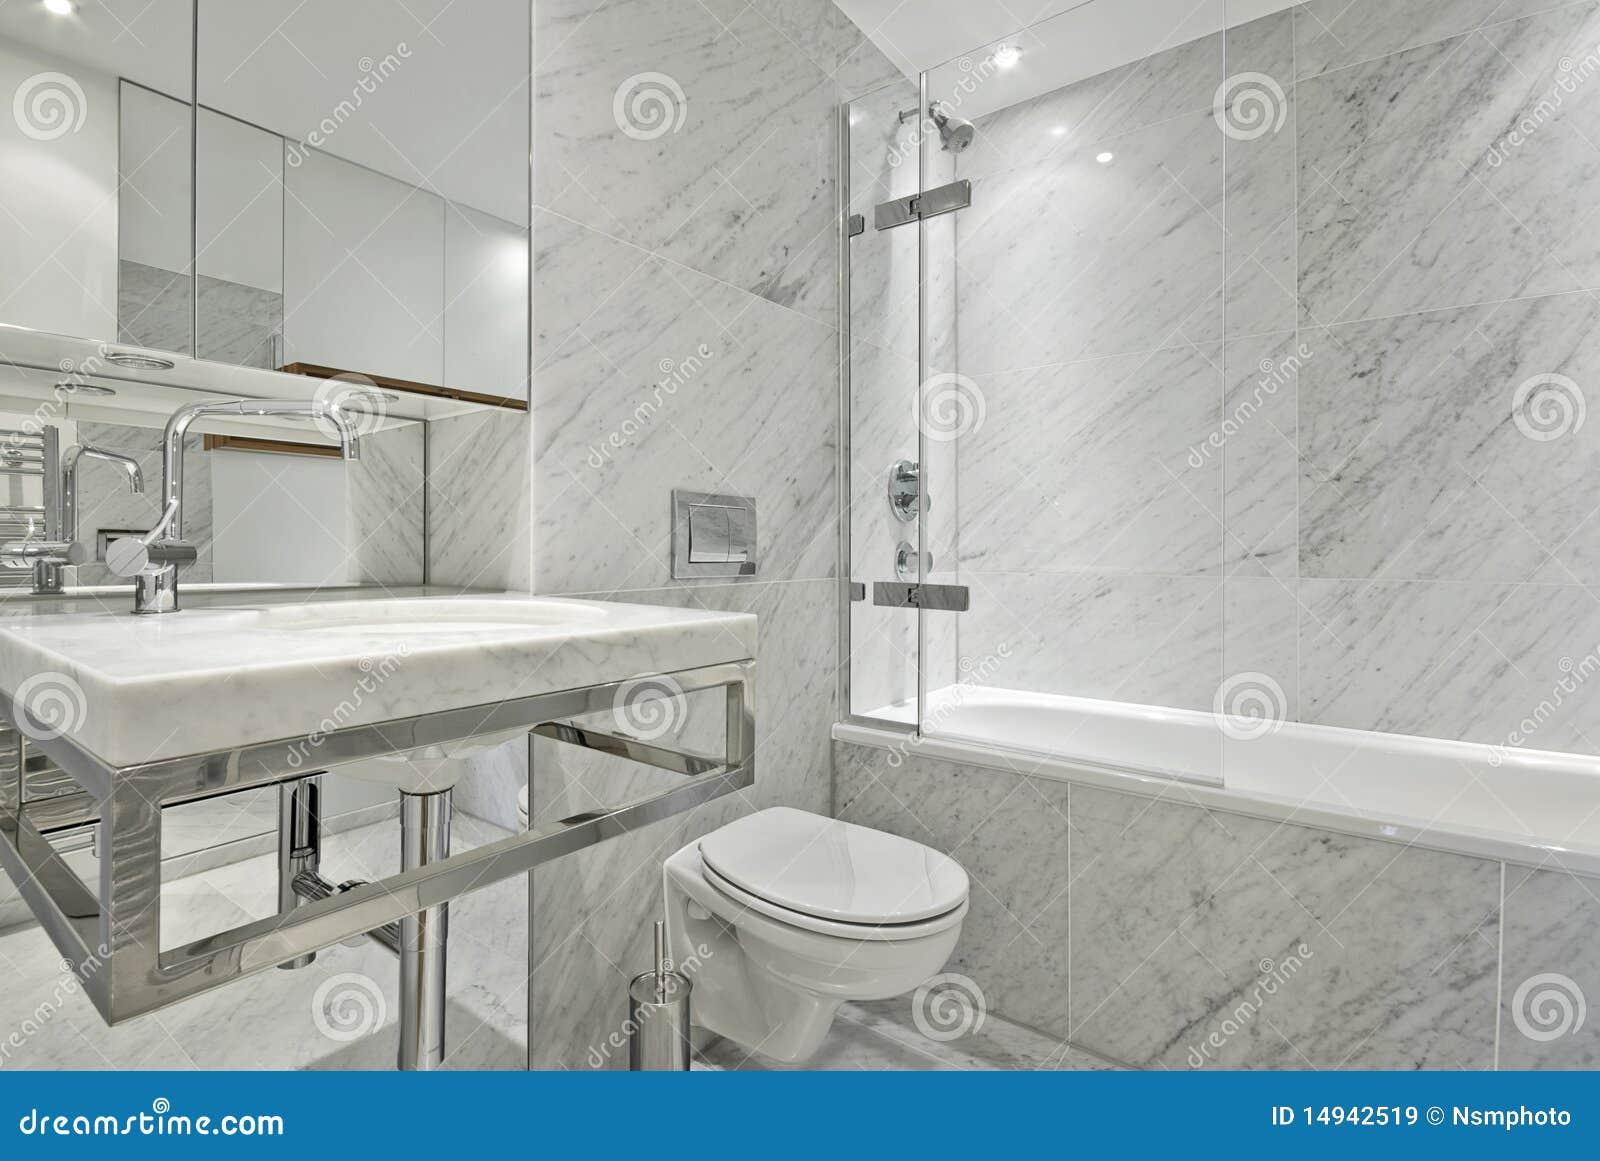 Bahroom moderno e contemporâneo da série do en no branco de mármore  #86A724 1300x960 Banheiro Branco Moderno